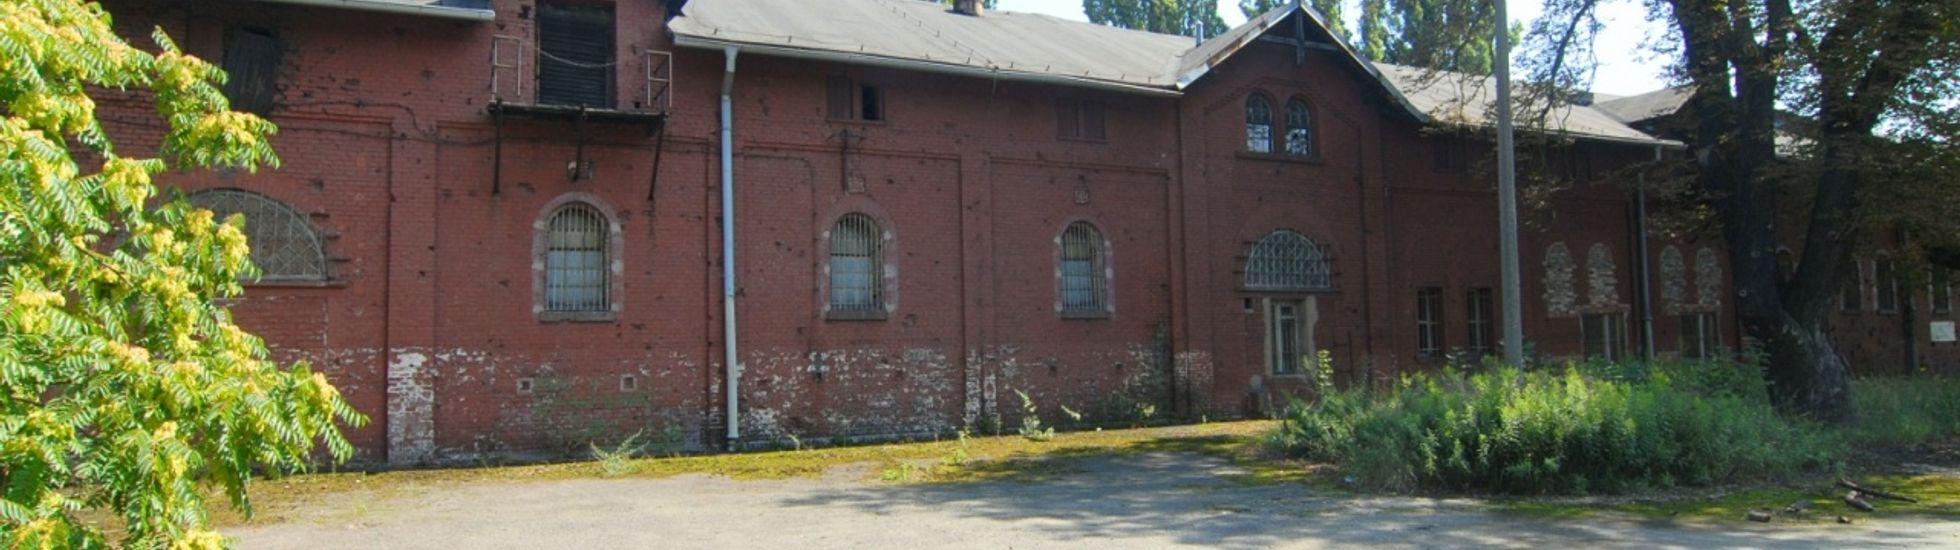 Wrocław: Nieruchomość z zabytkowym budynkiem na Kępie Mieszczańskiej trafia pod młotek